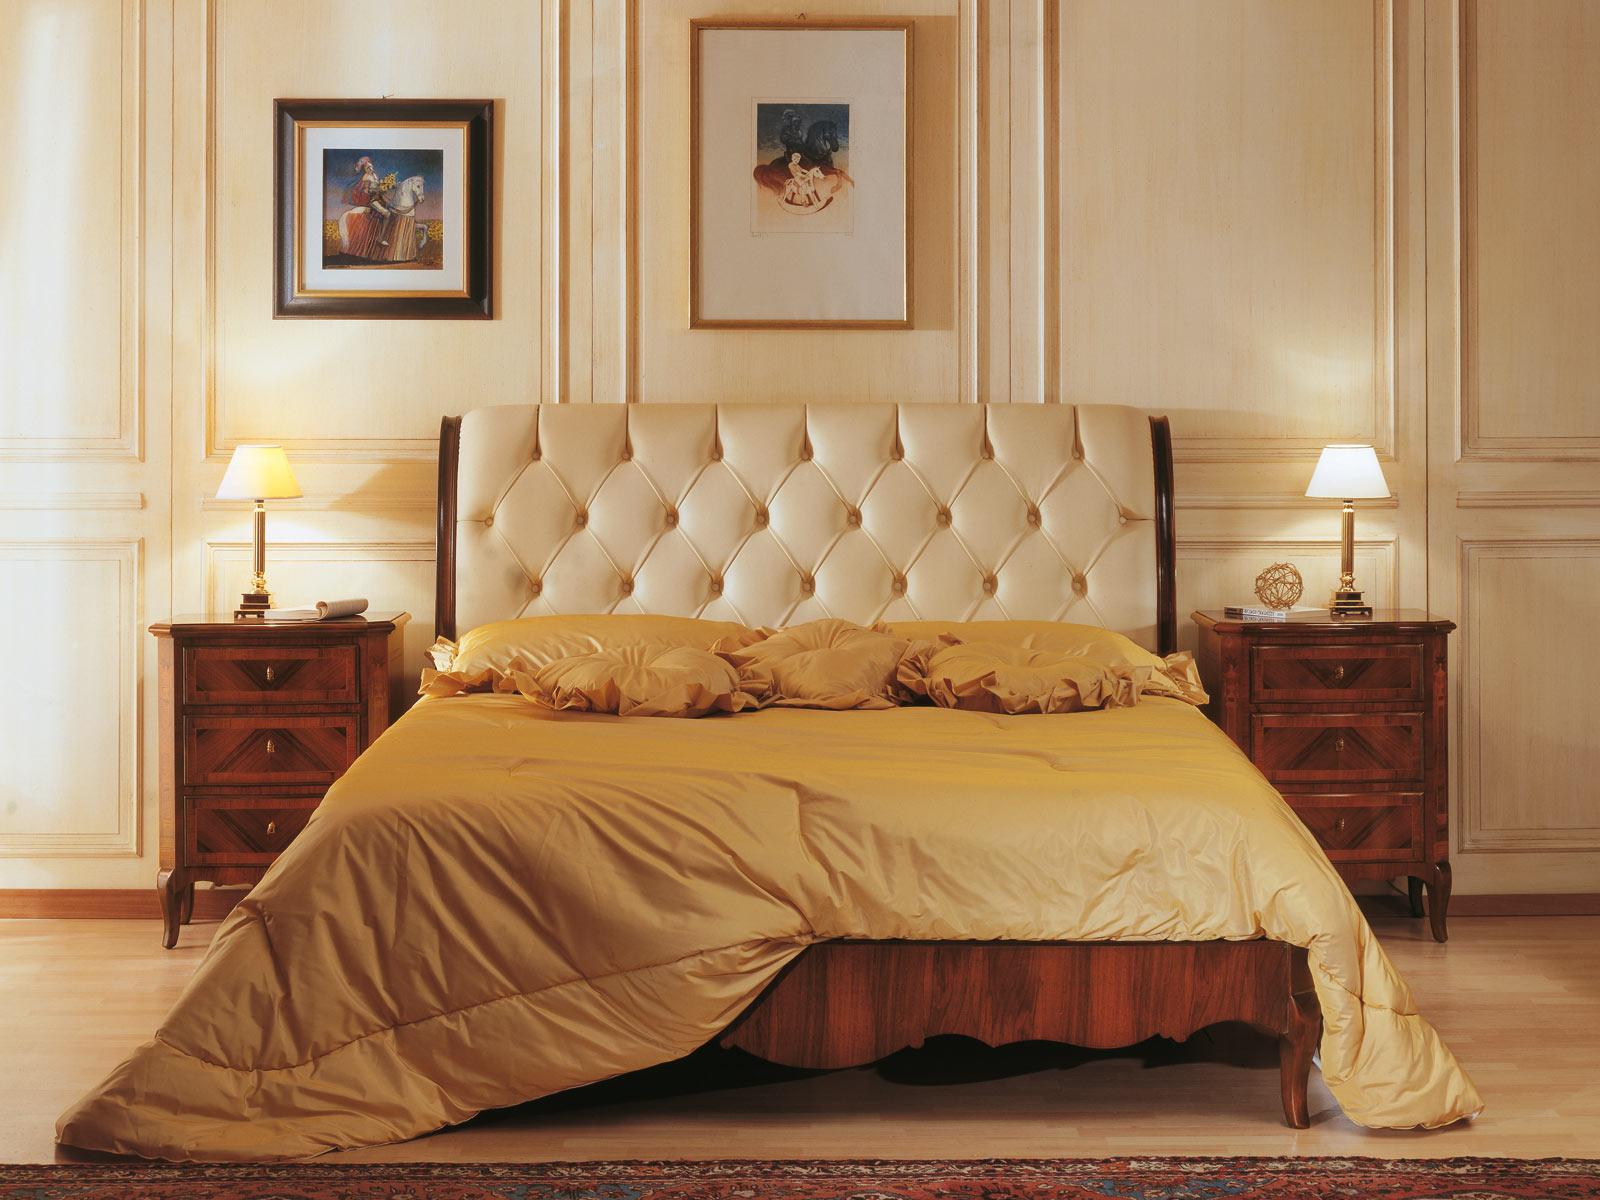 9 - Camera da letto in noce ...